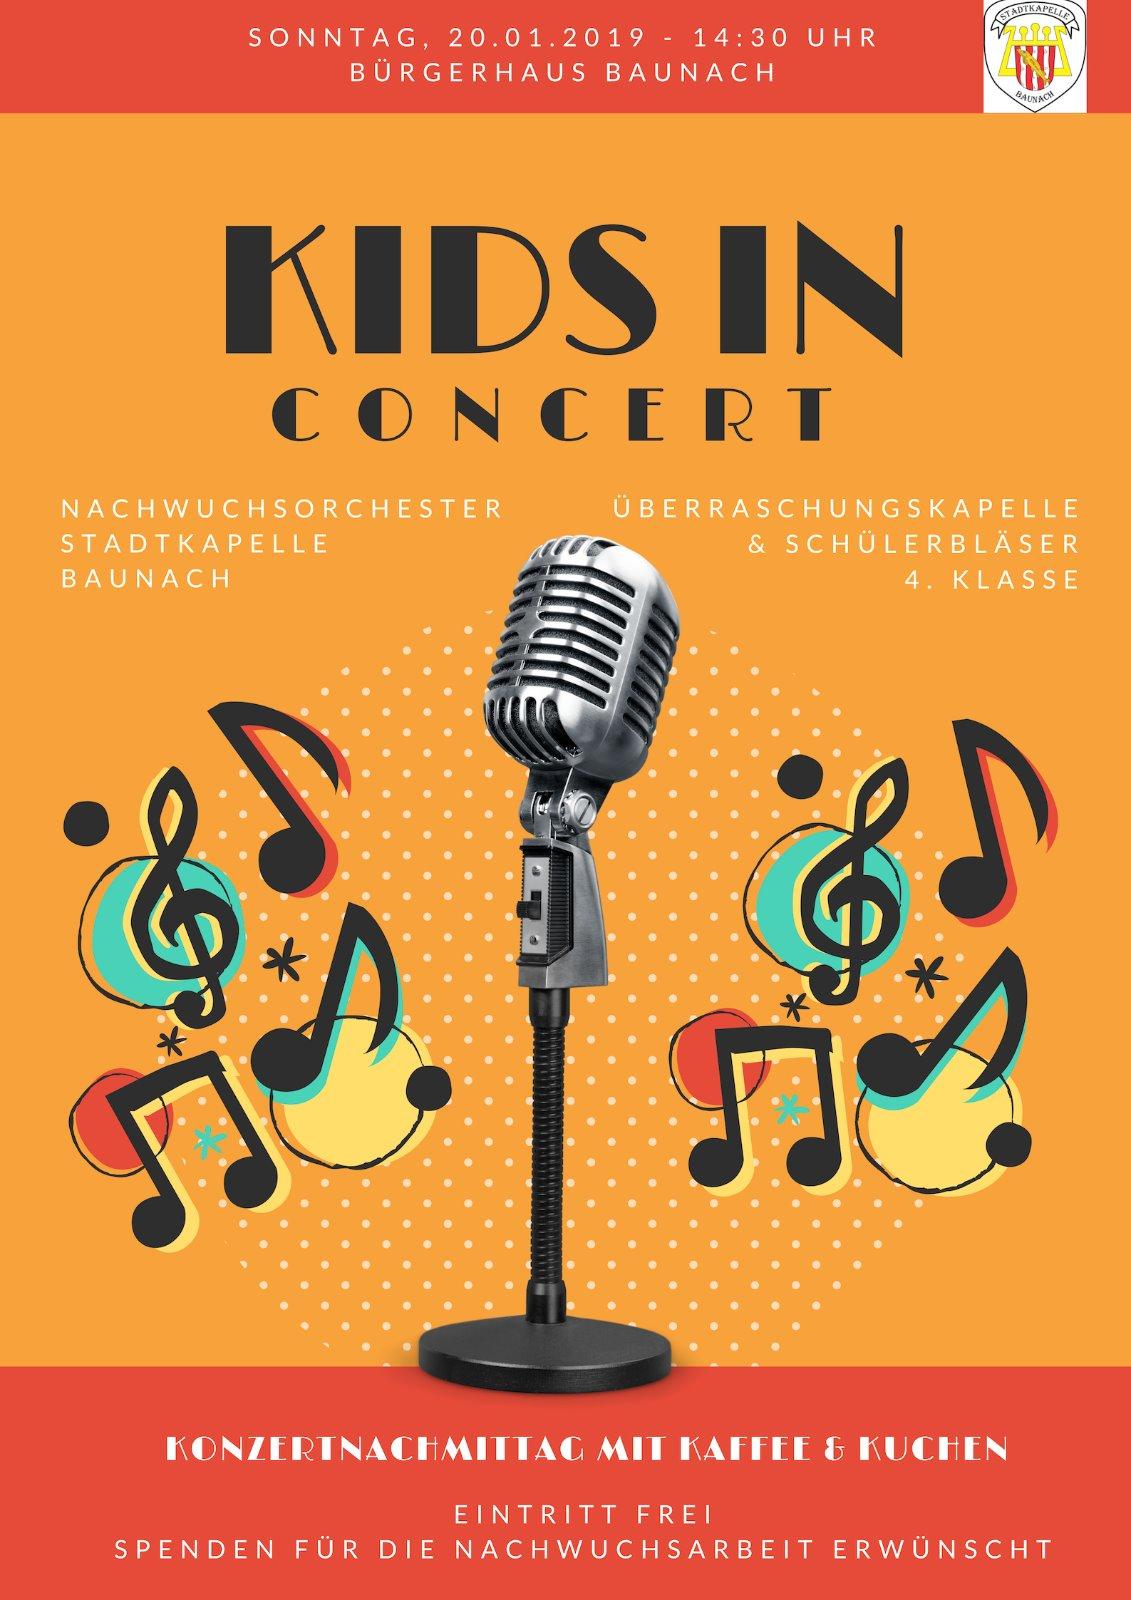 20.01.2019 Kids in Concert